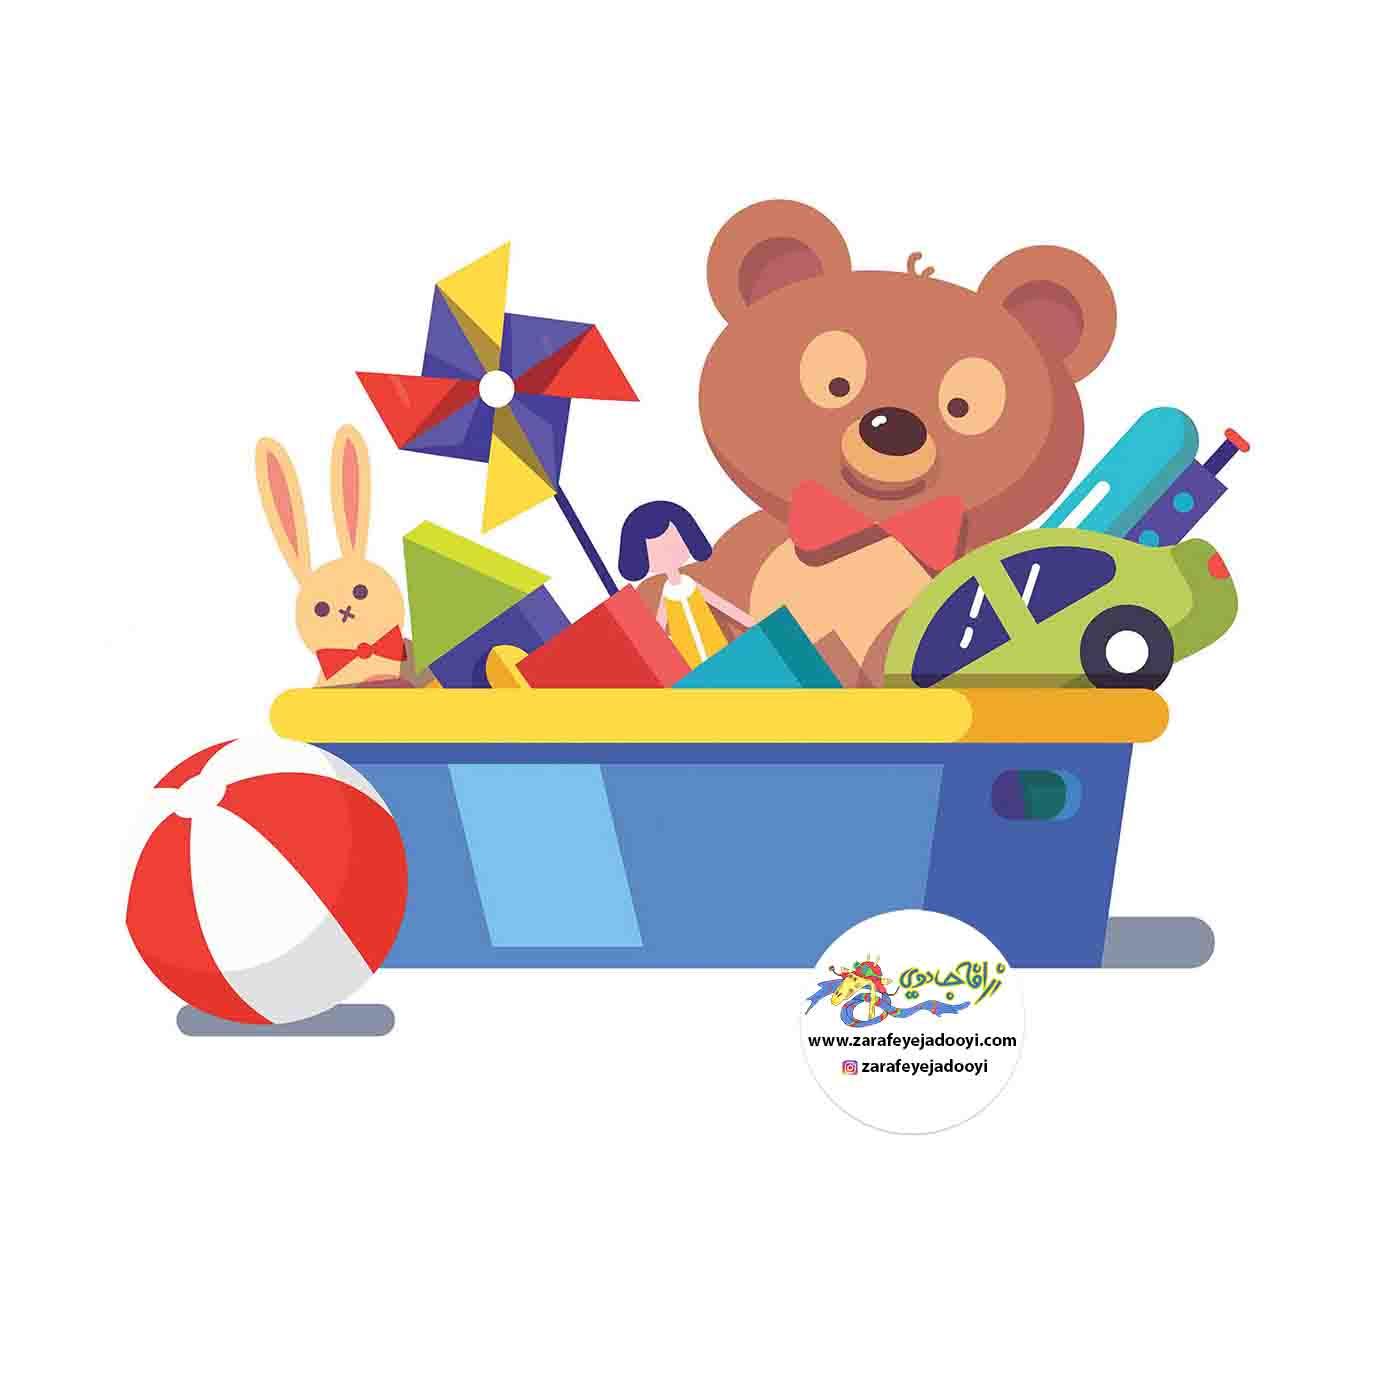 زرافه جادویی - اسباب بازی کودک را درست انتخاب کنید